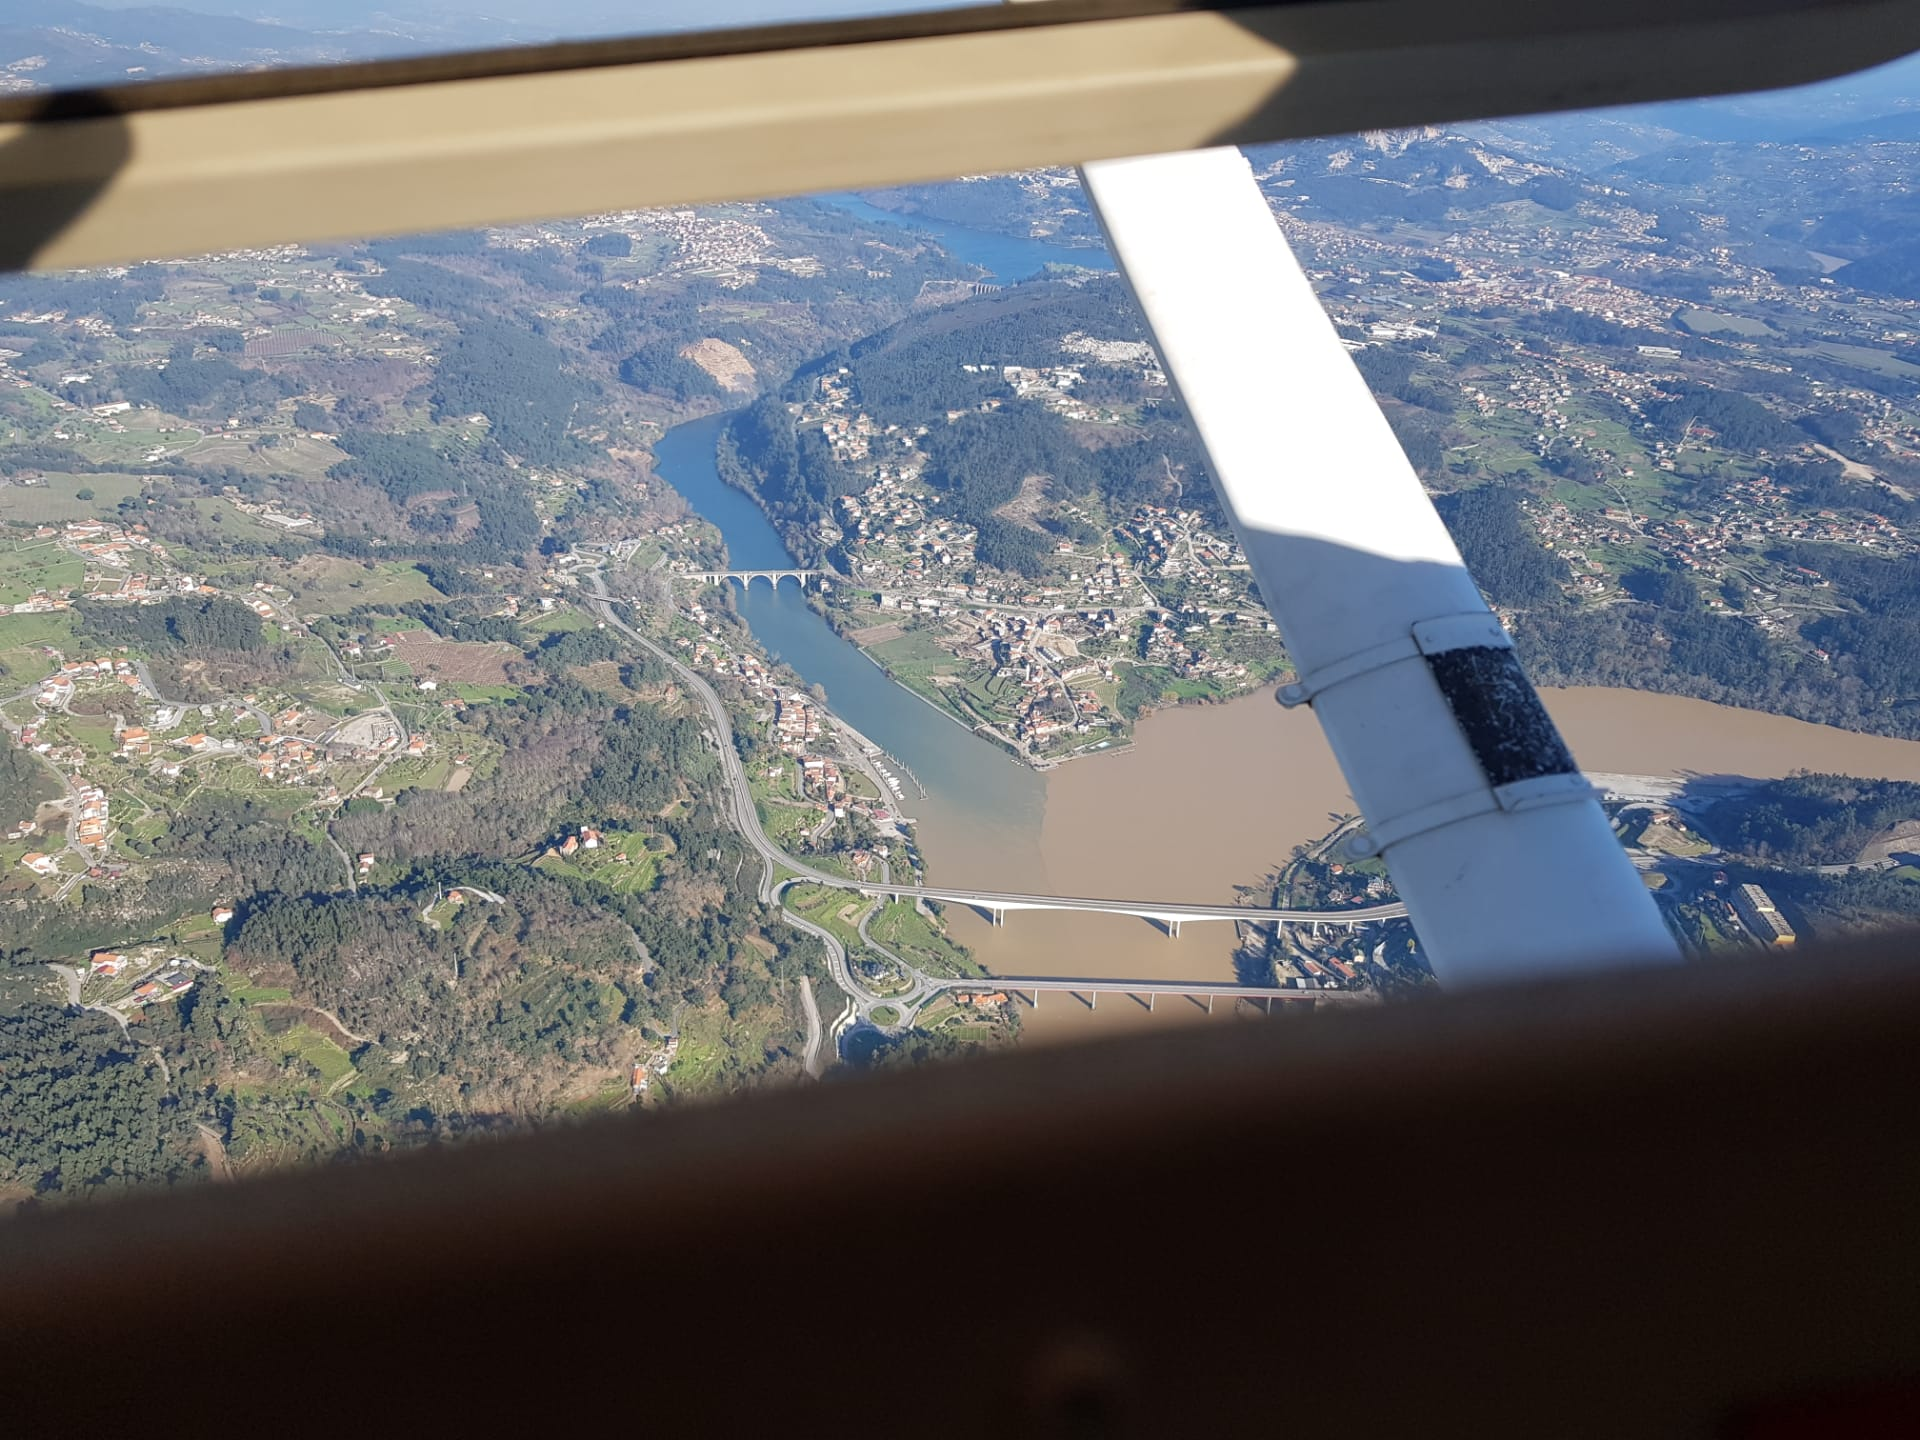 LM-Arquivo-Douro-Paiva-Foto-Aerea-ETA-Lever-099